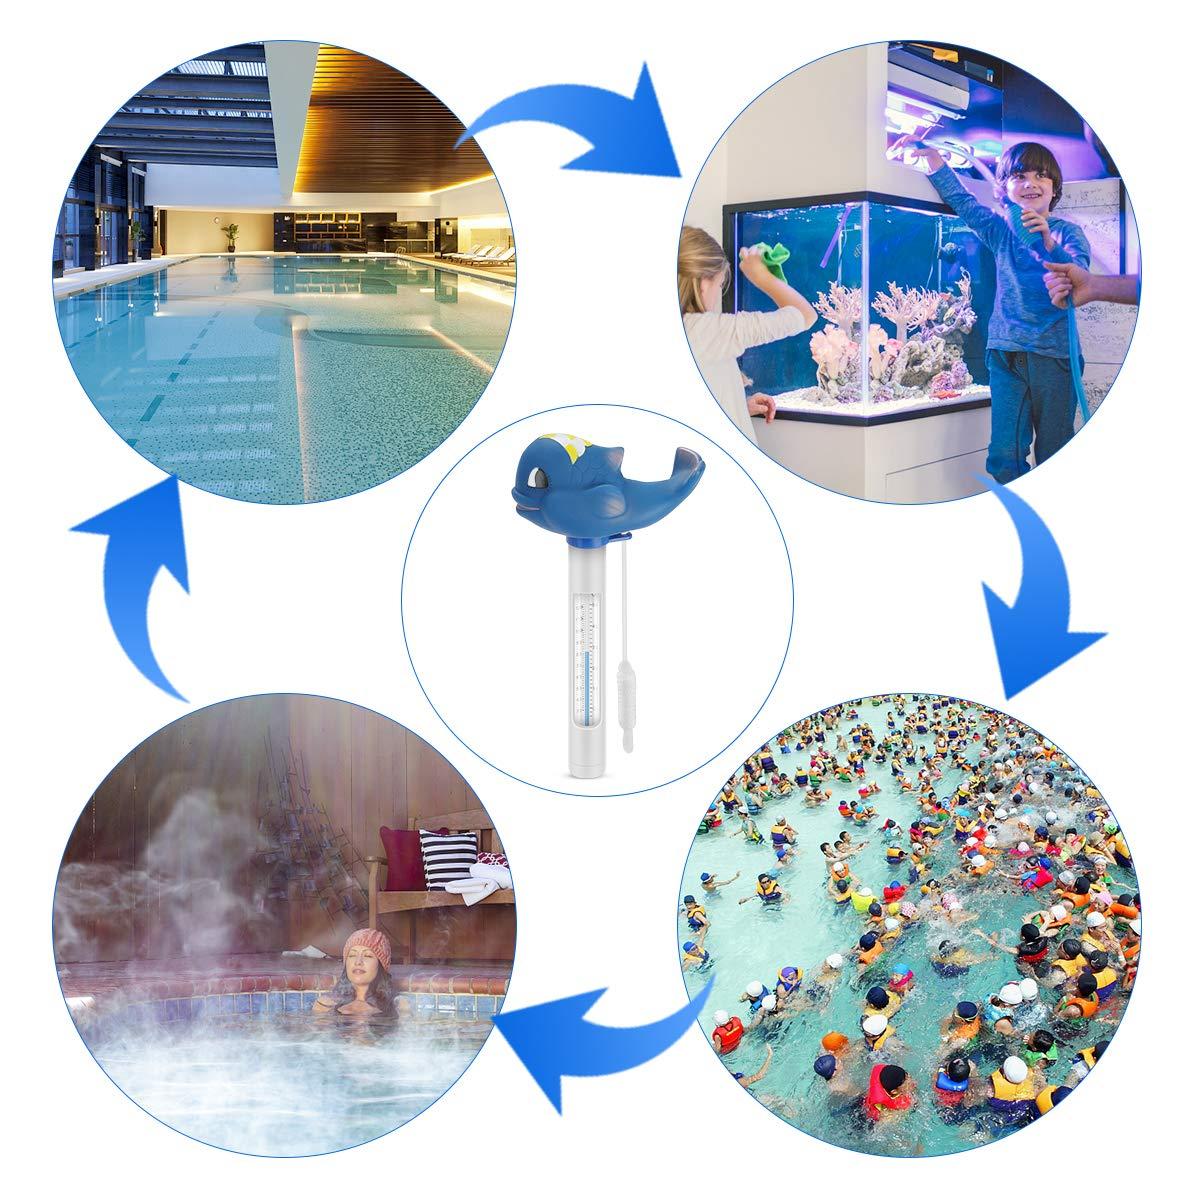 RenFox Termometro Galleggiante Acqua Termometro Galleggiante con Stringa Resistenti agli Urti per Piscina vasche per Pesci Spa acquari stagni vasche idromassaggio